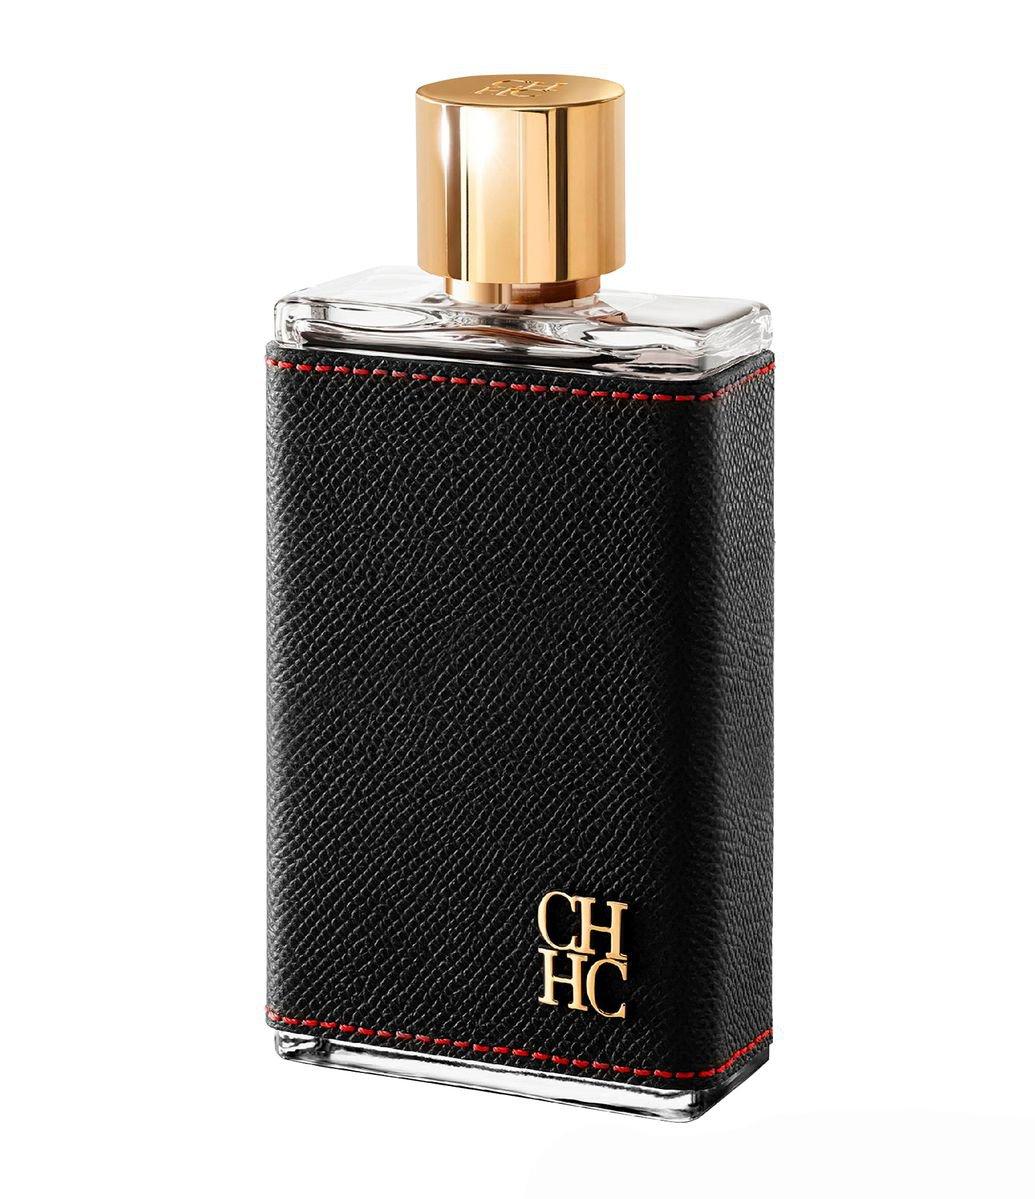 Perfume CH Men Eau de Toilette - Renner 64aa7e6fce